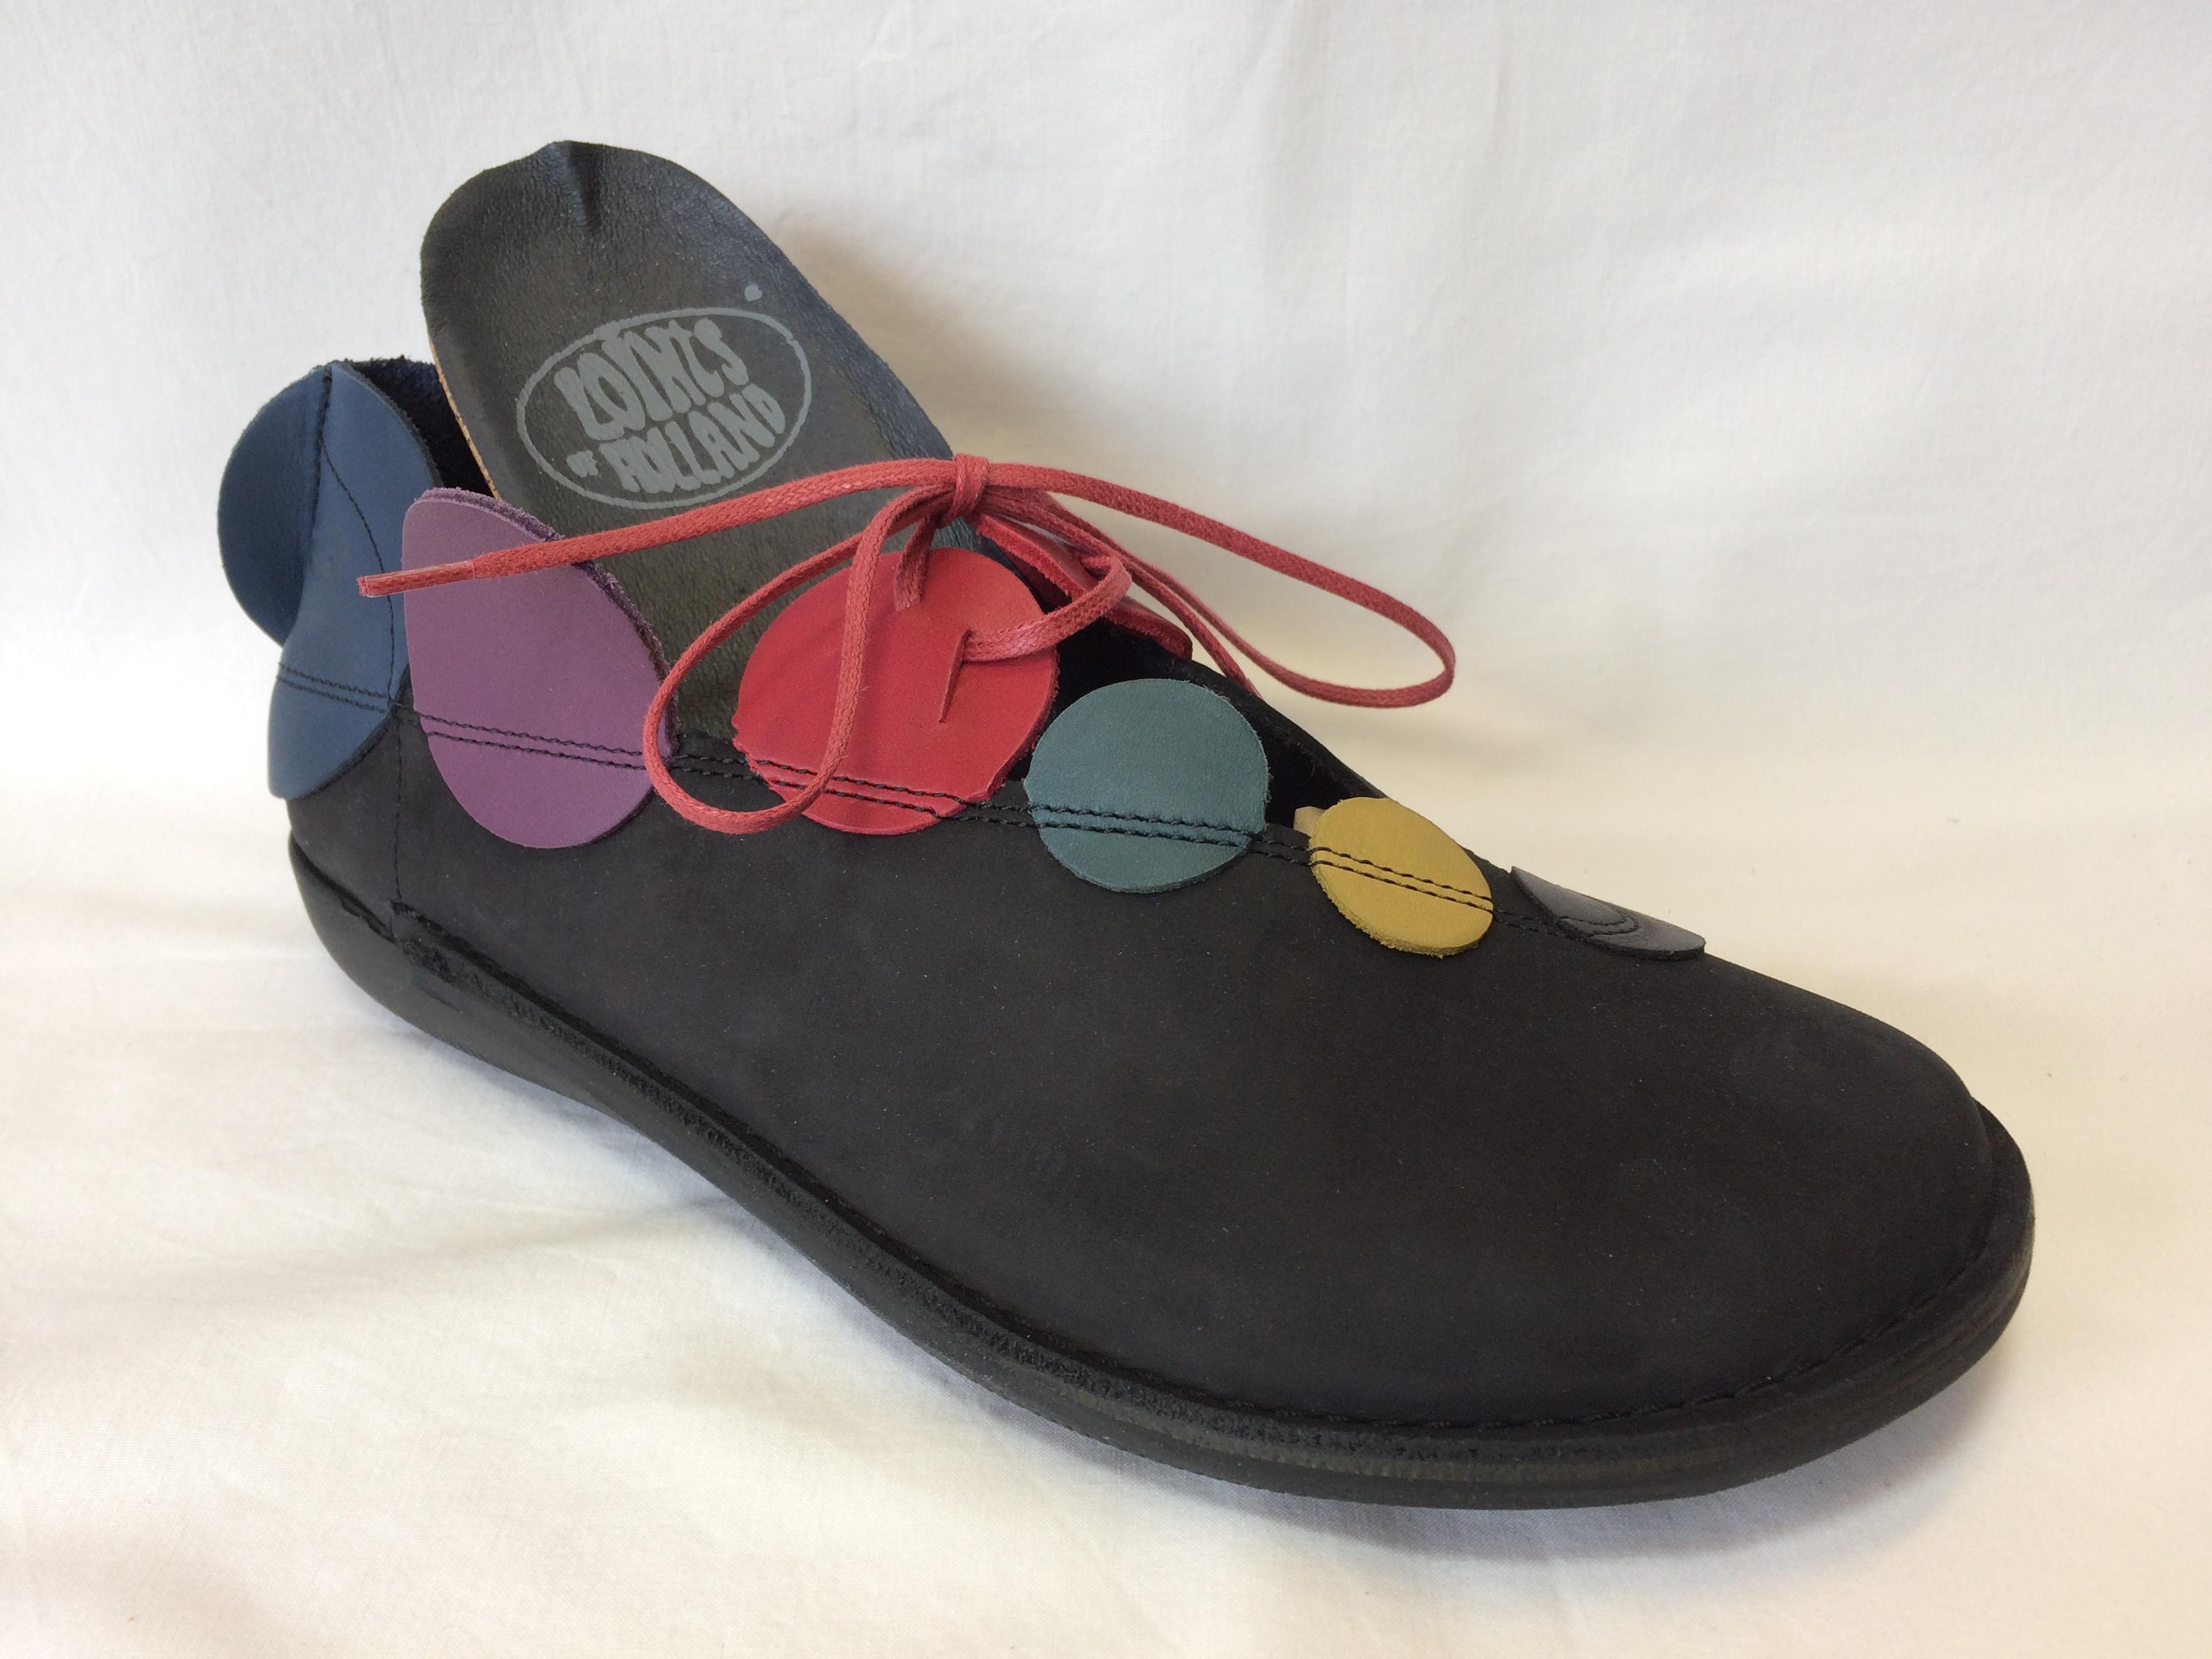 Magasin de chaussures orthopédiques à Jodoigne - Loint's of Holland